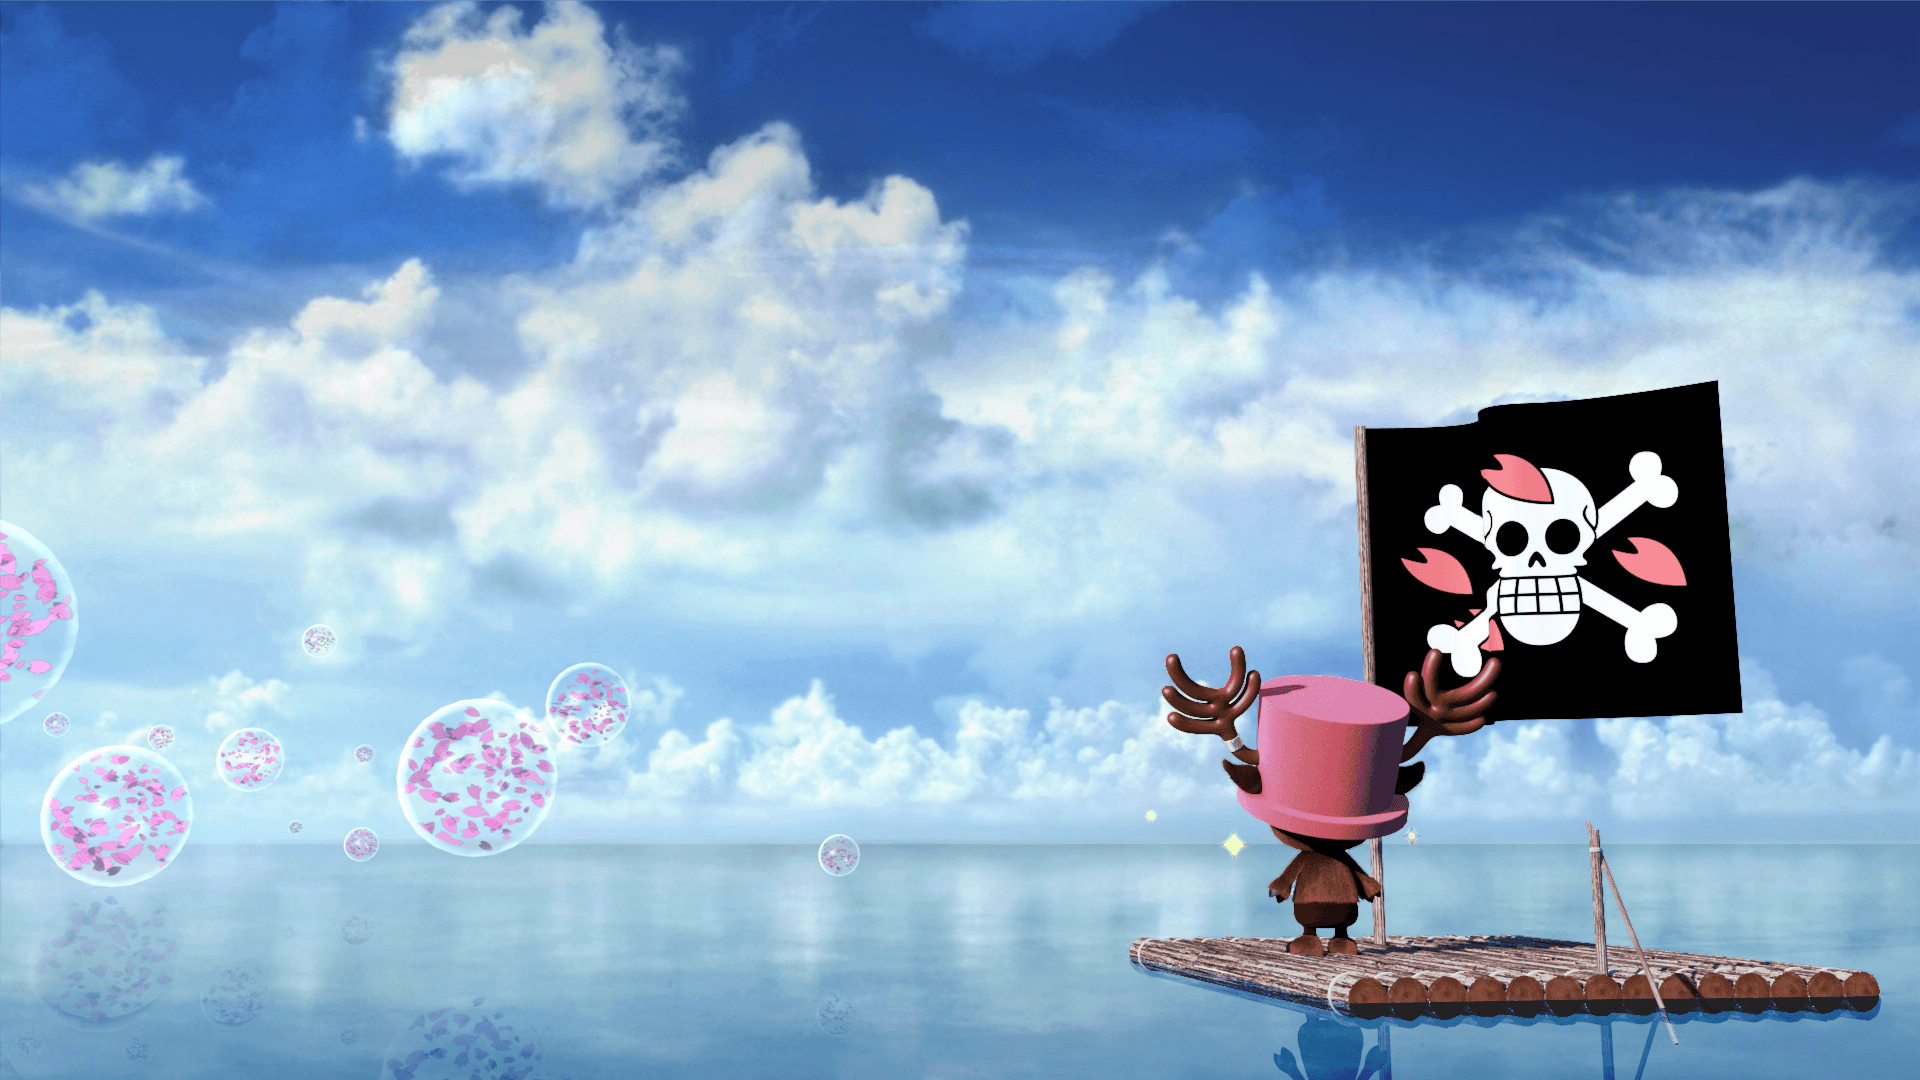 桜の海賊旗を掲げるチョッパーの画像